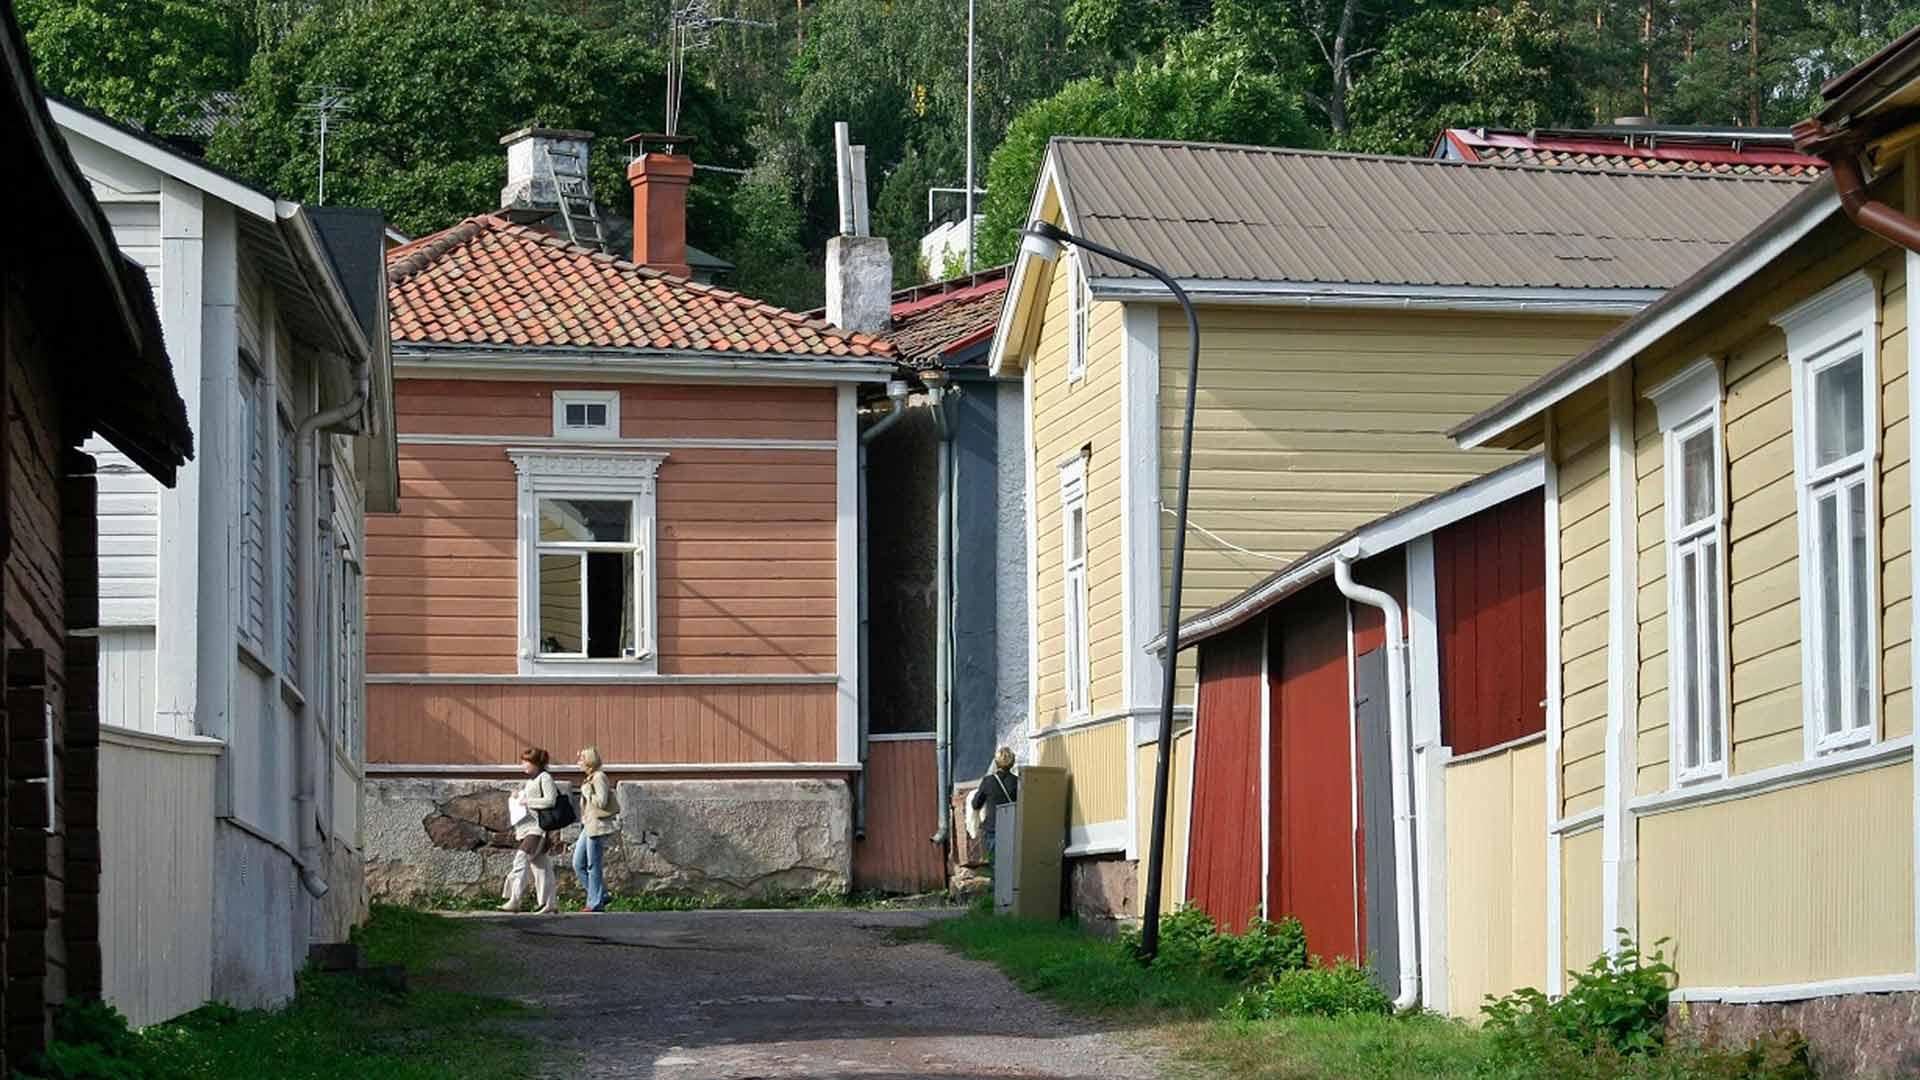 Historiallisen alakaupungin vanhat talot kiinnostavat turisteja.